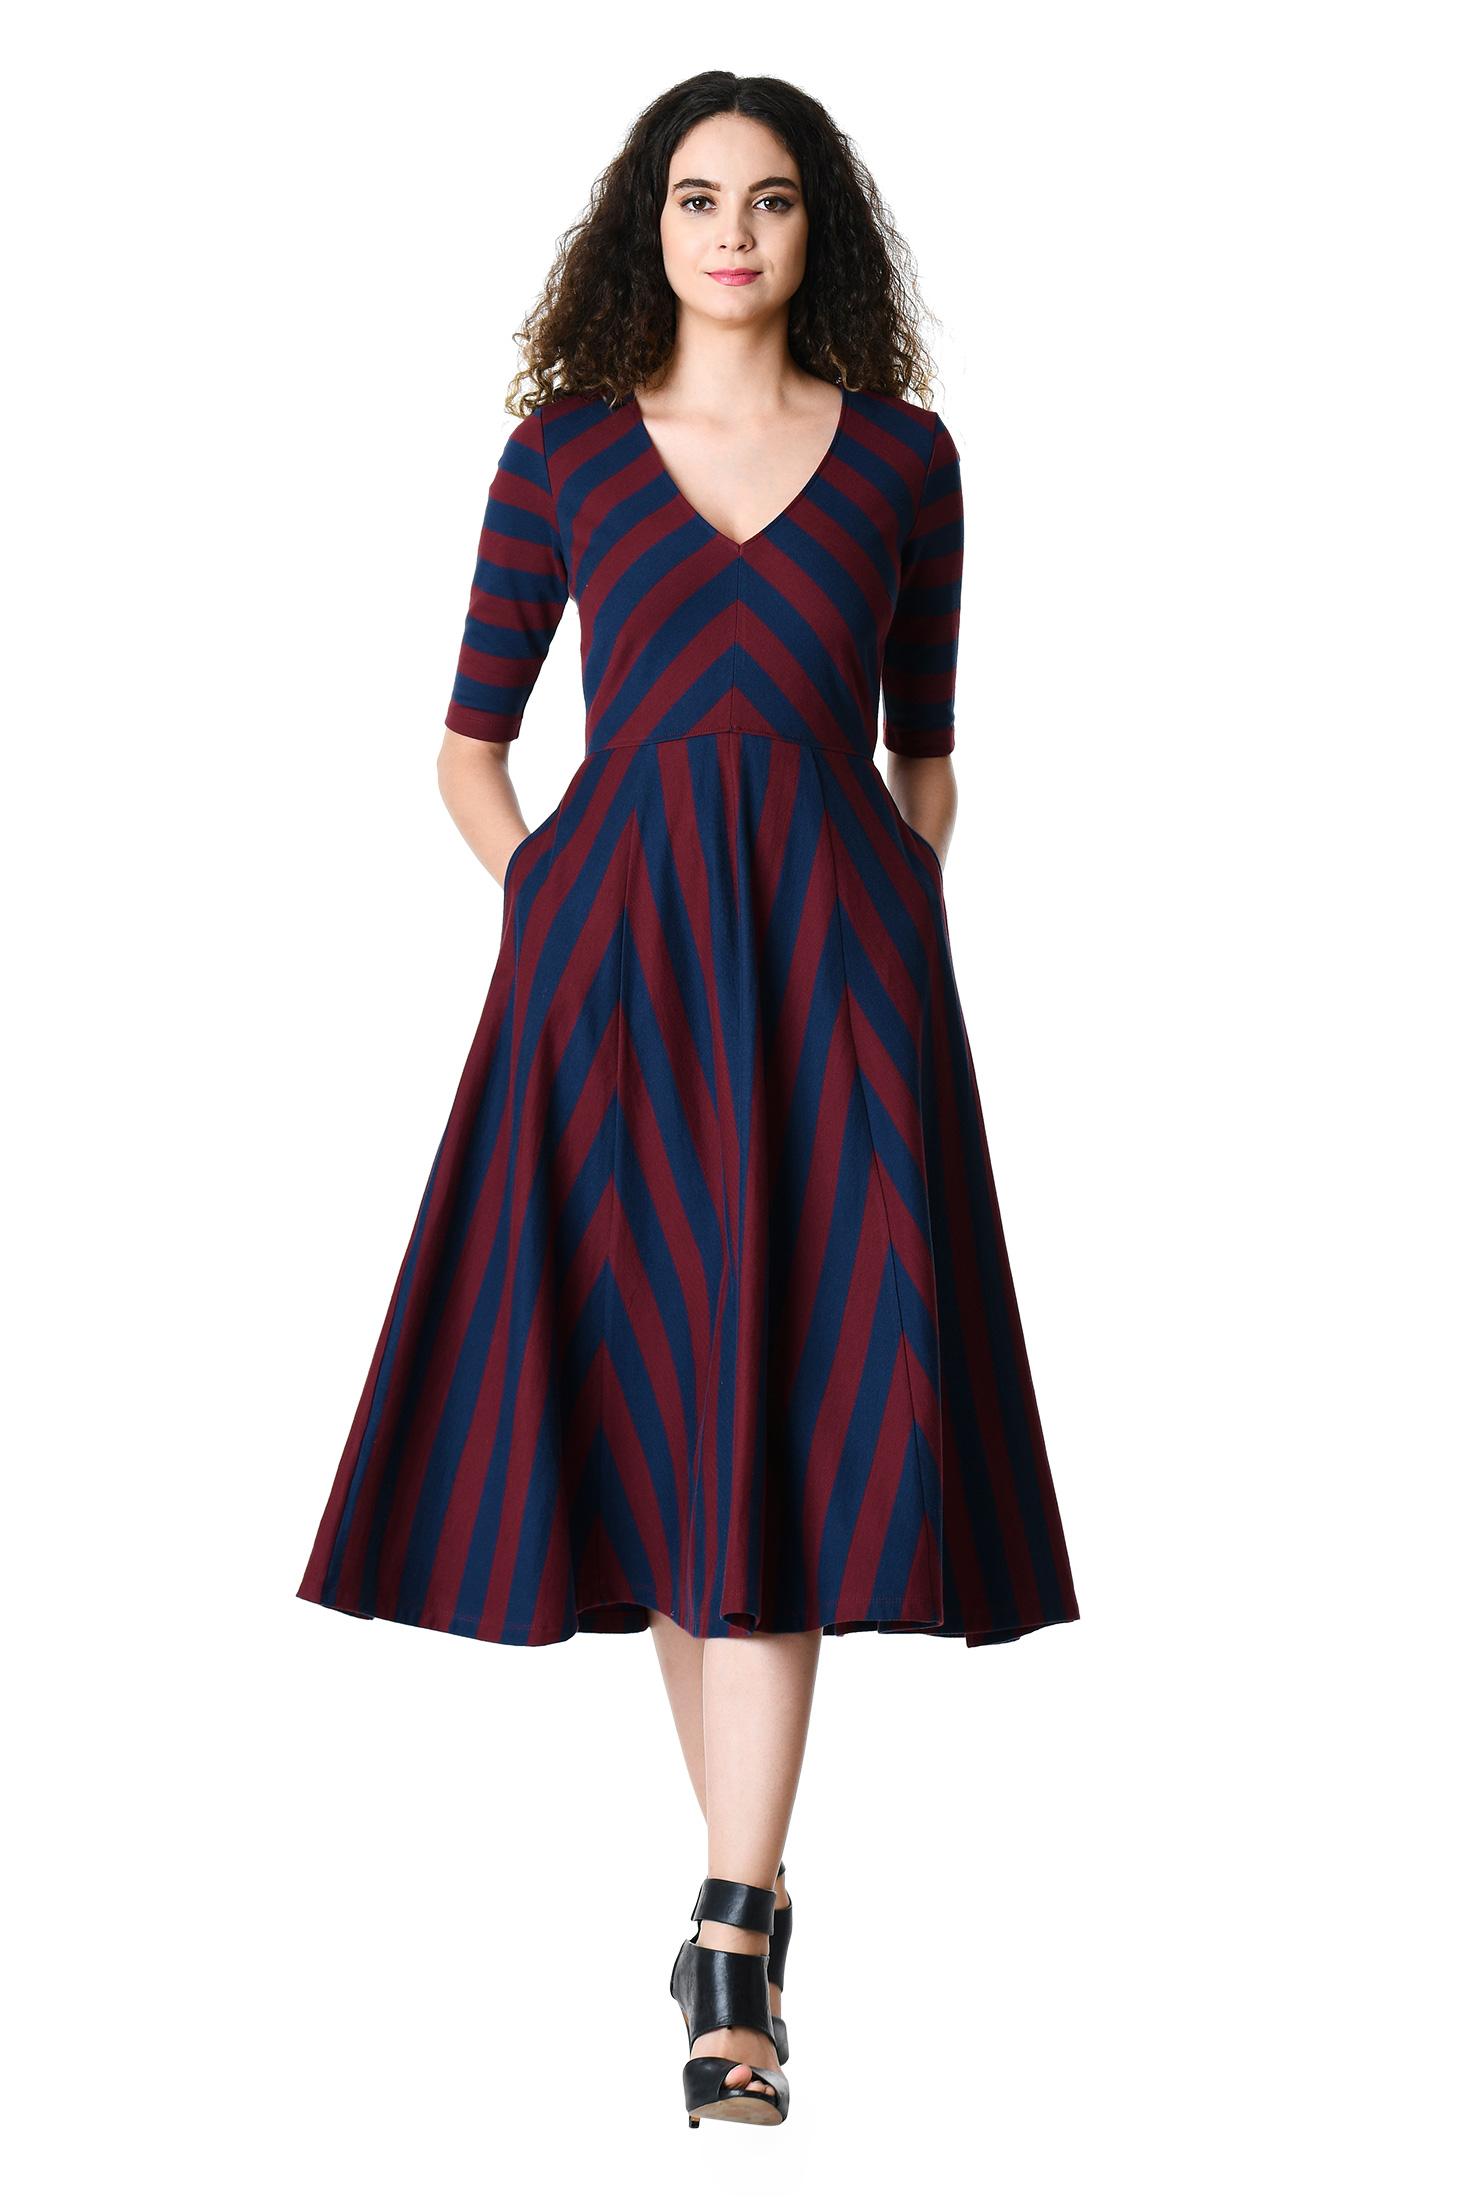 eShakti Women's Stripe cotton knit midi dress CL0060498